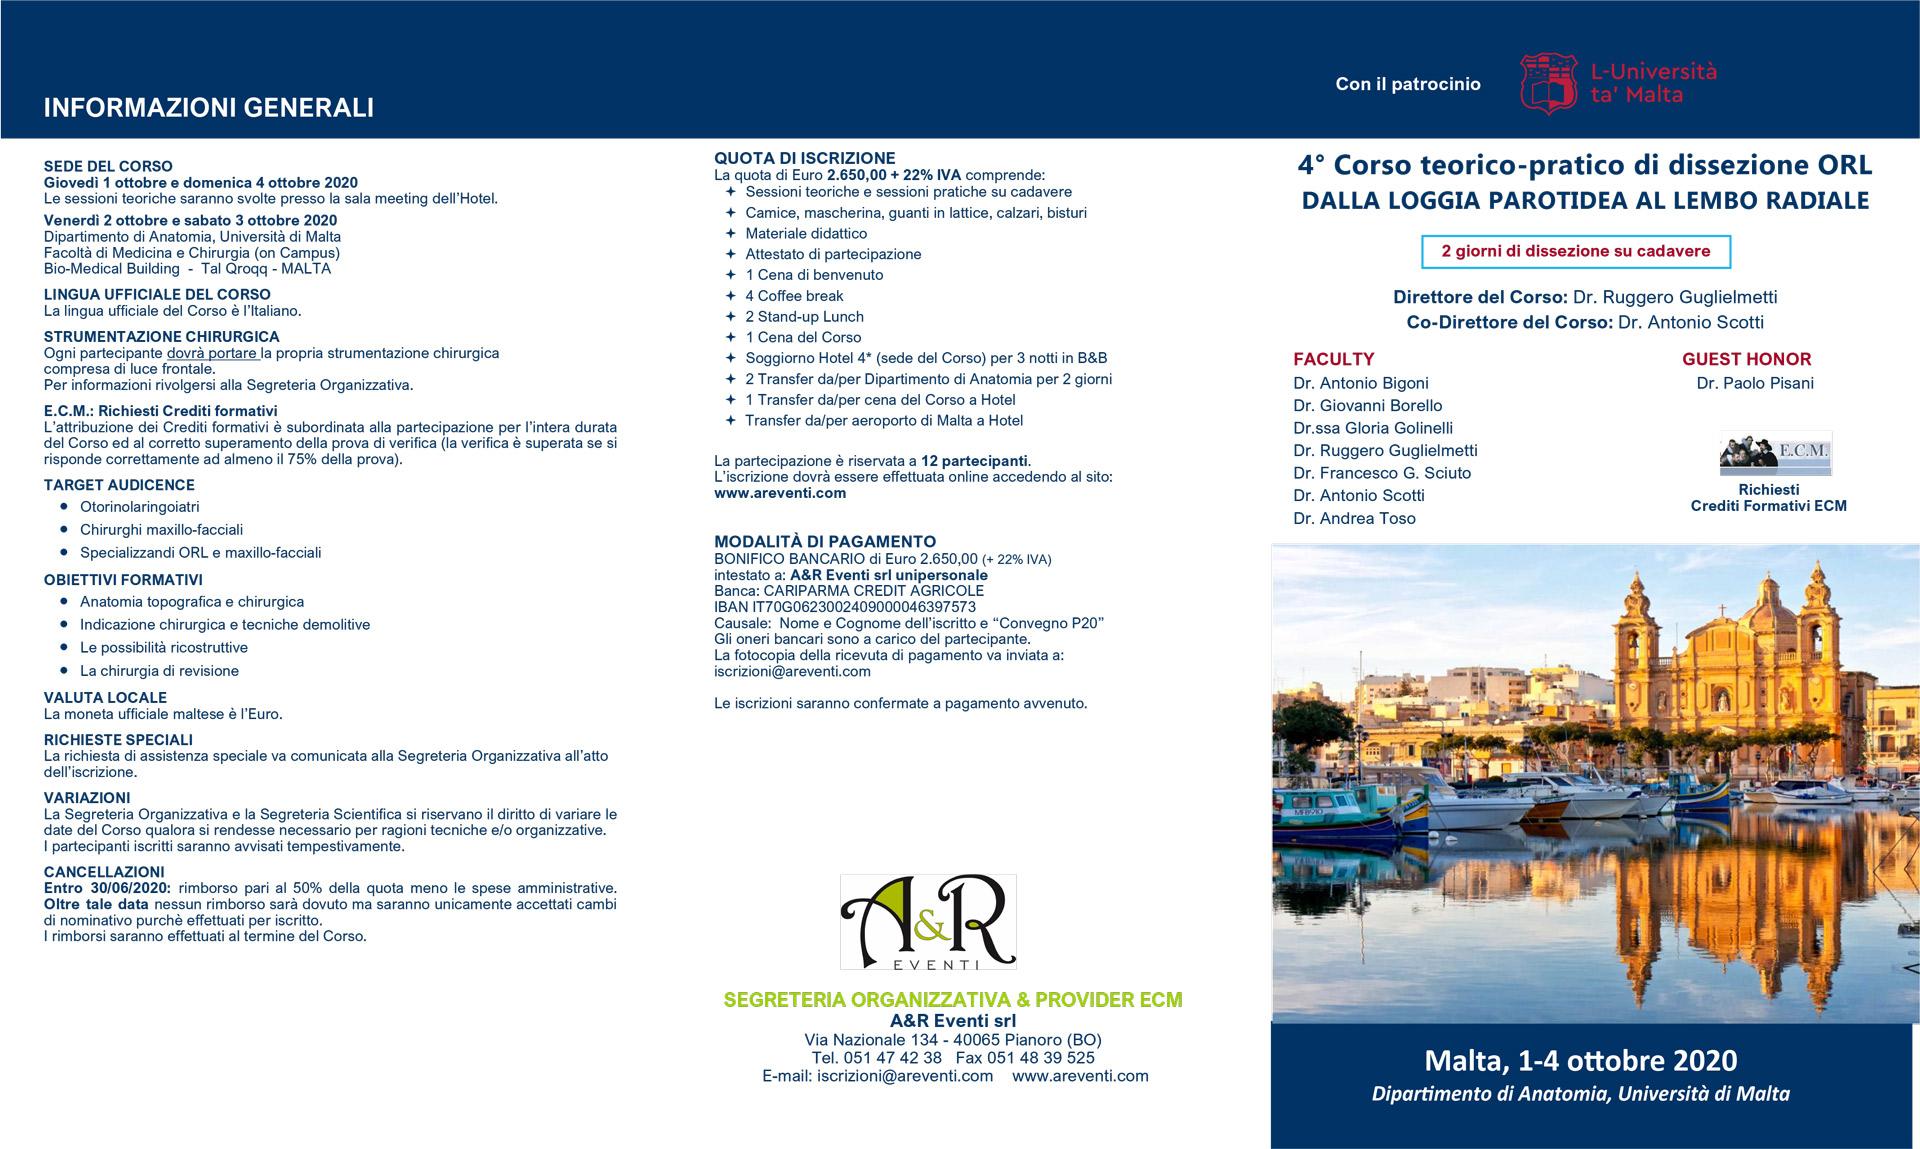 4-Corso-teorico-pratico-di-dissezioneORL-locandina-1